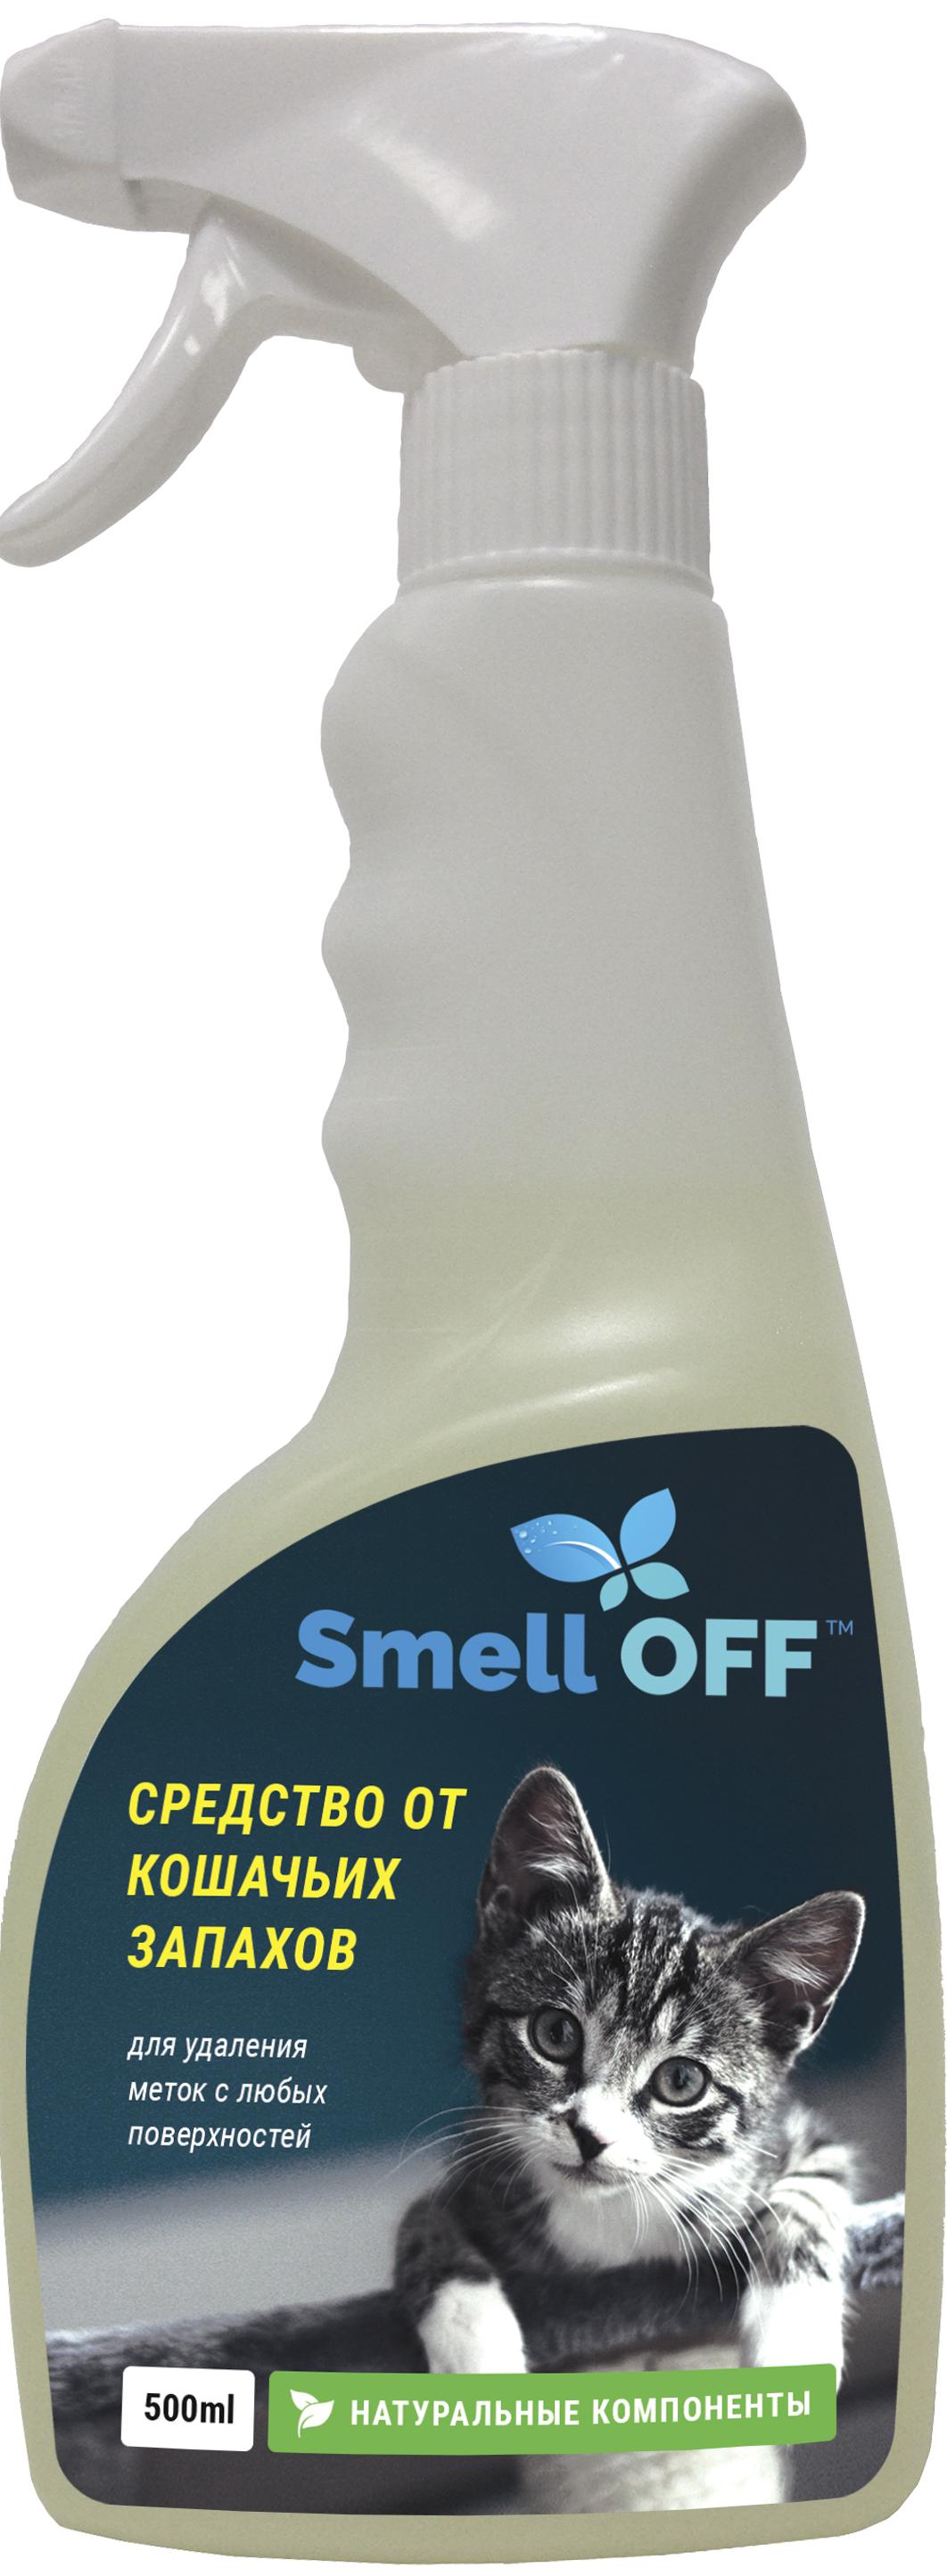 Средство для удаления запахов от кошек SmellOFF,